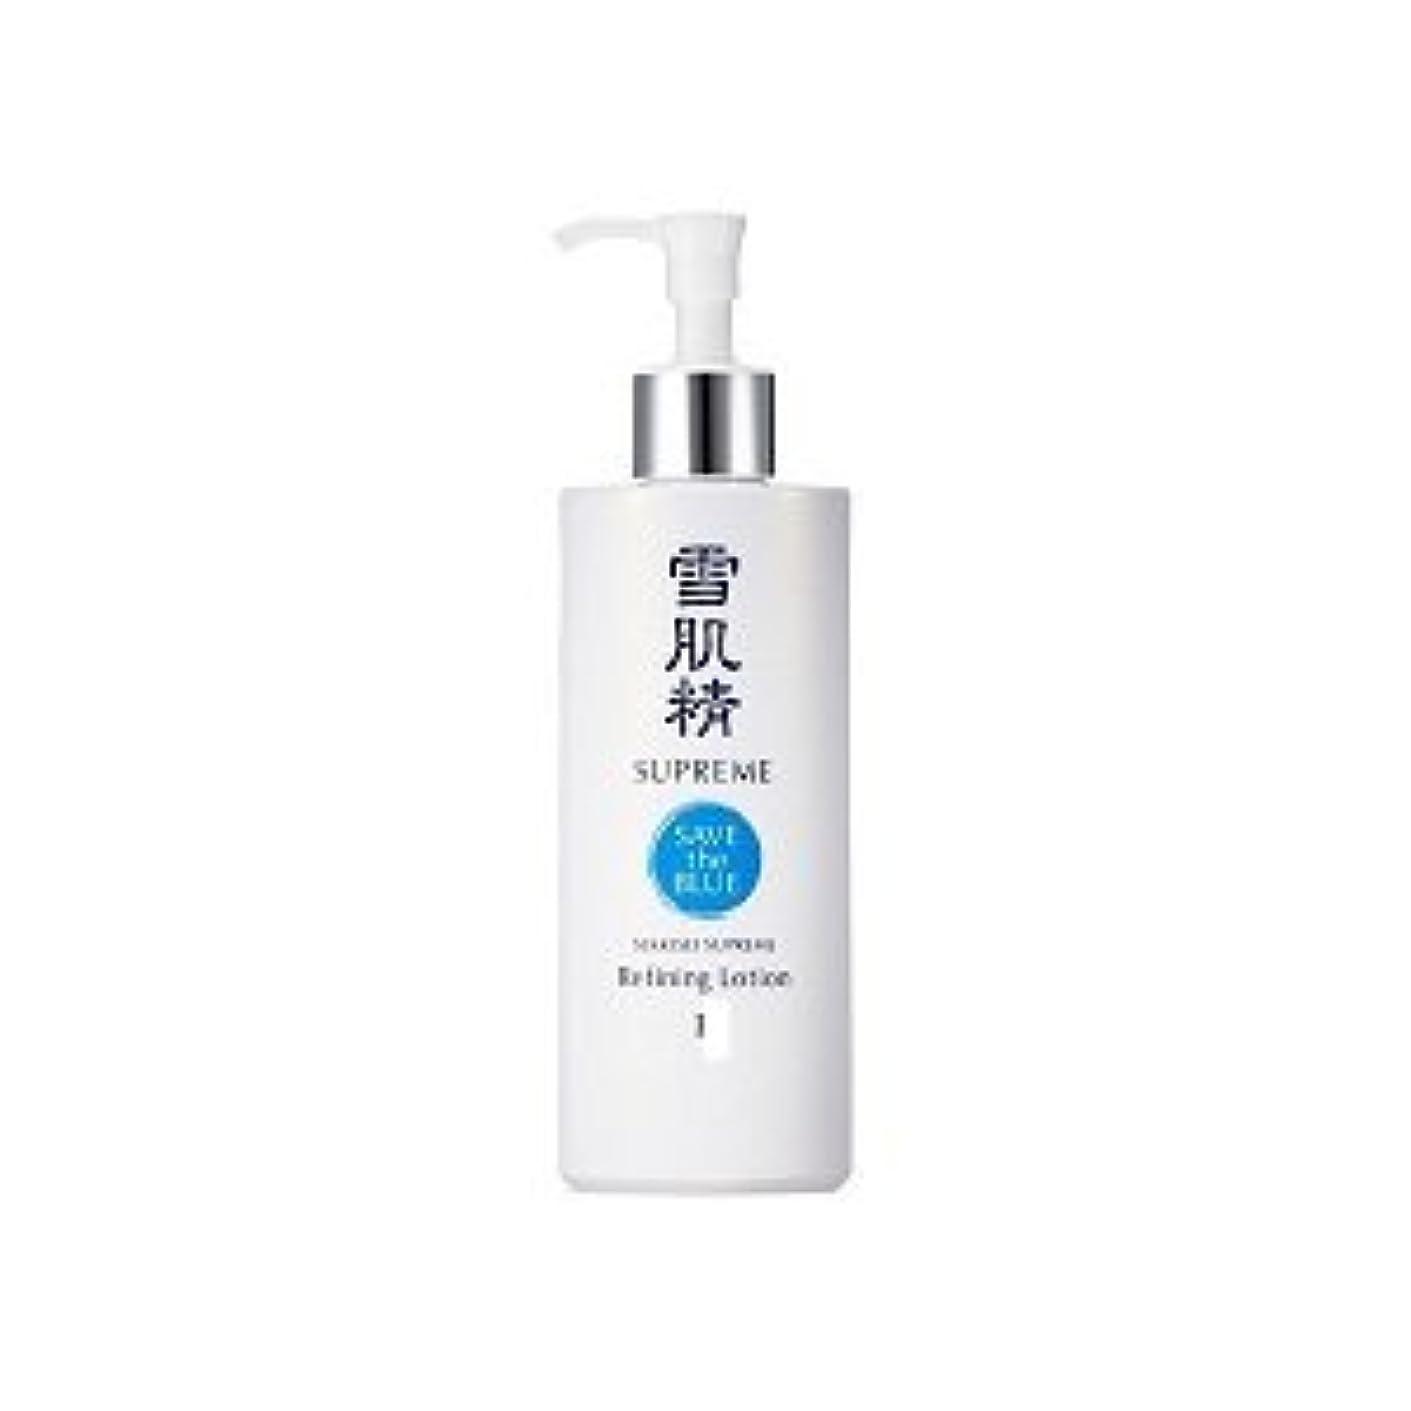 脅威小康美容師コーセー 雪肌精シュープレム 化粧水 I 400ml